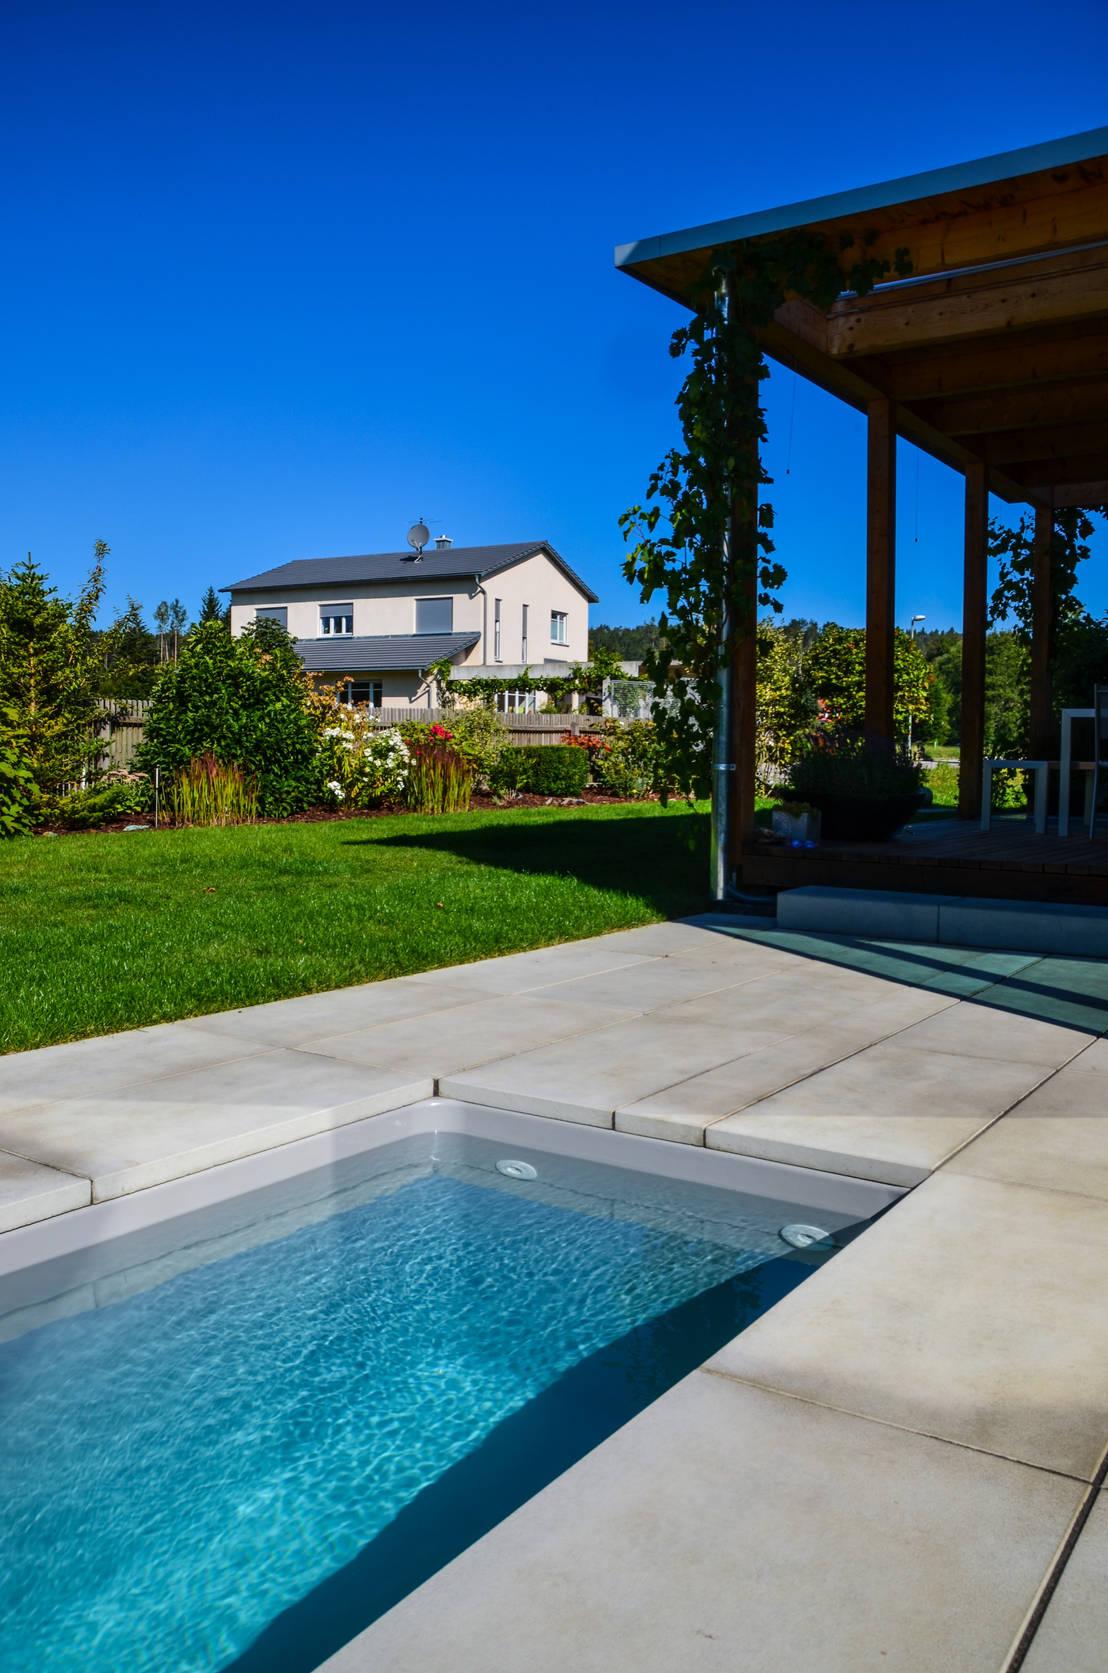 Blickfang Homify Garten Das Beste Von @wat Meersalzwasser-tauchbecken / Minipool By Design@garten |